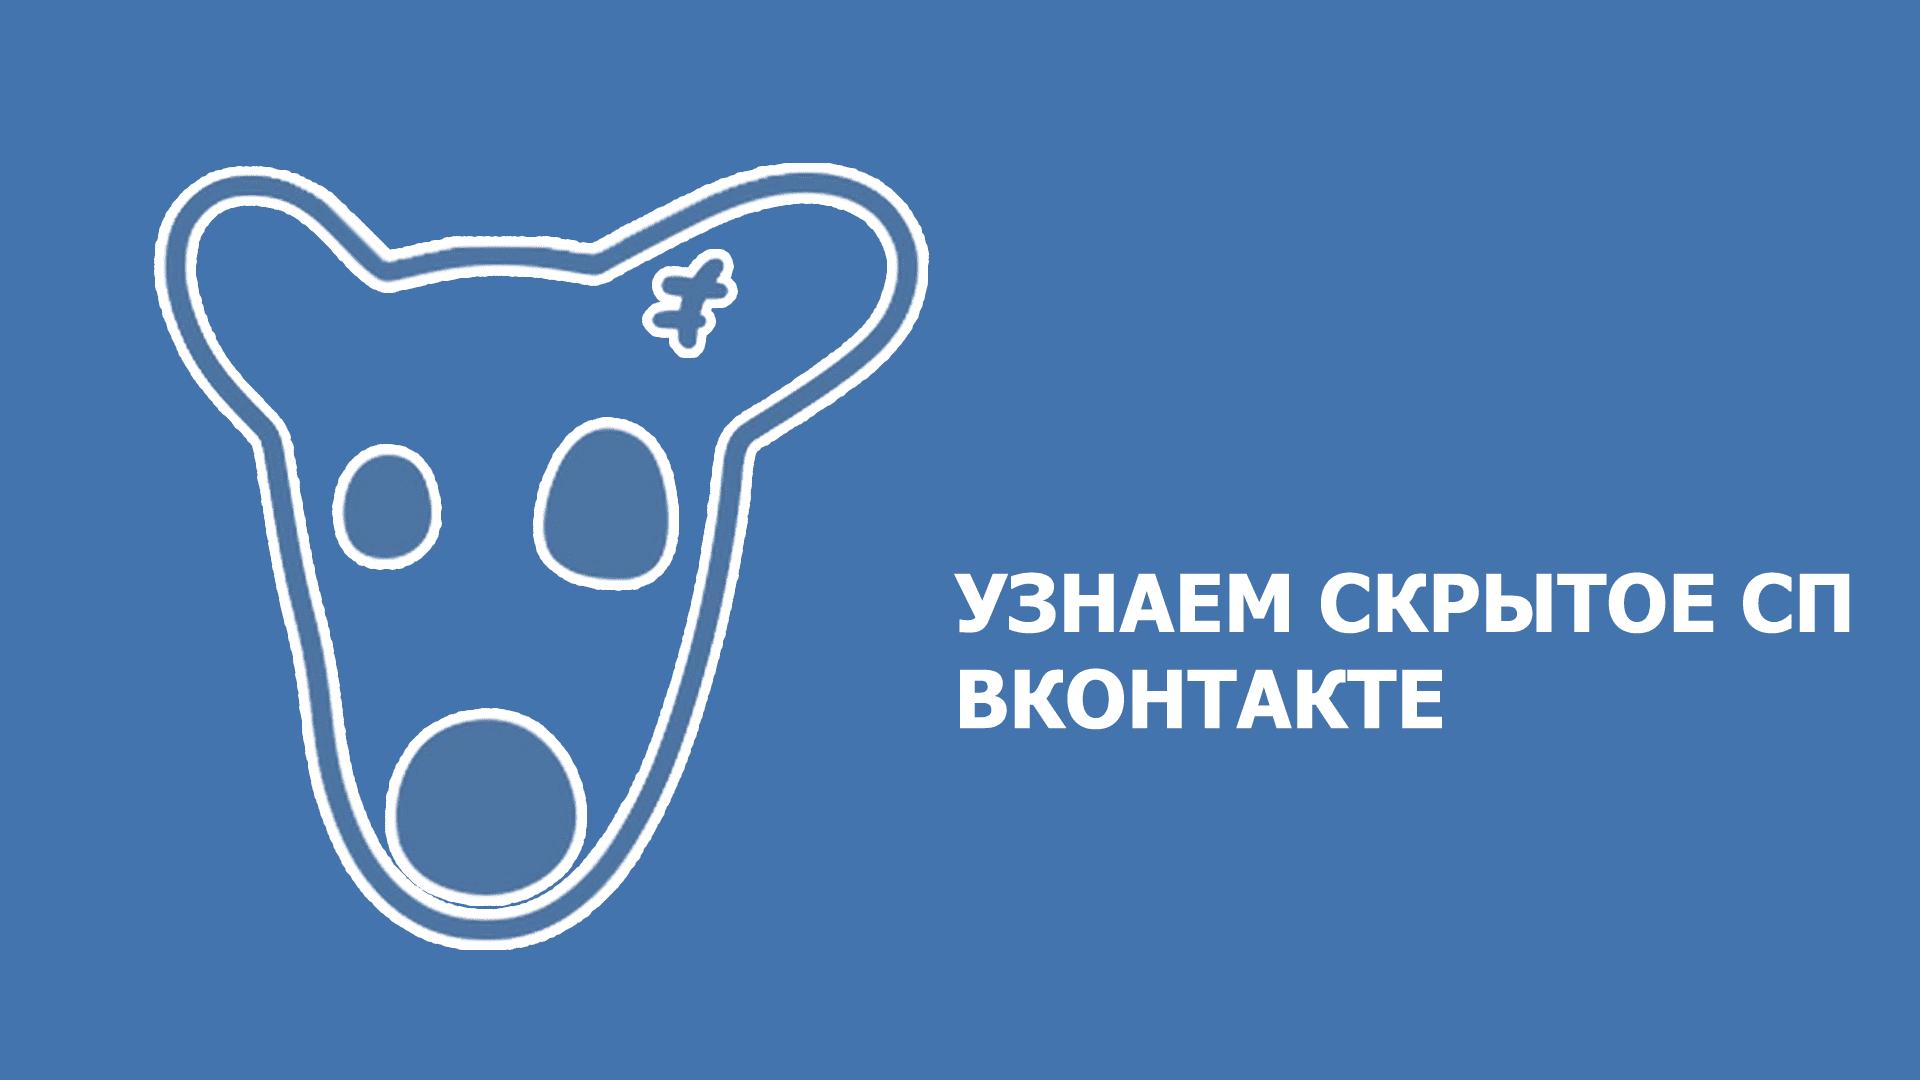 Узнаем скрытое сп ВКонтакте